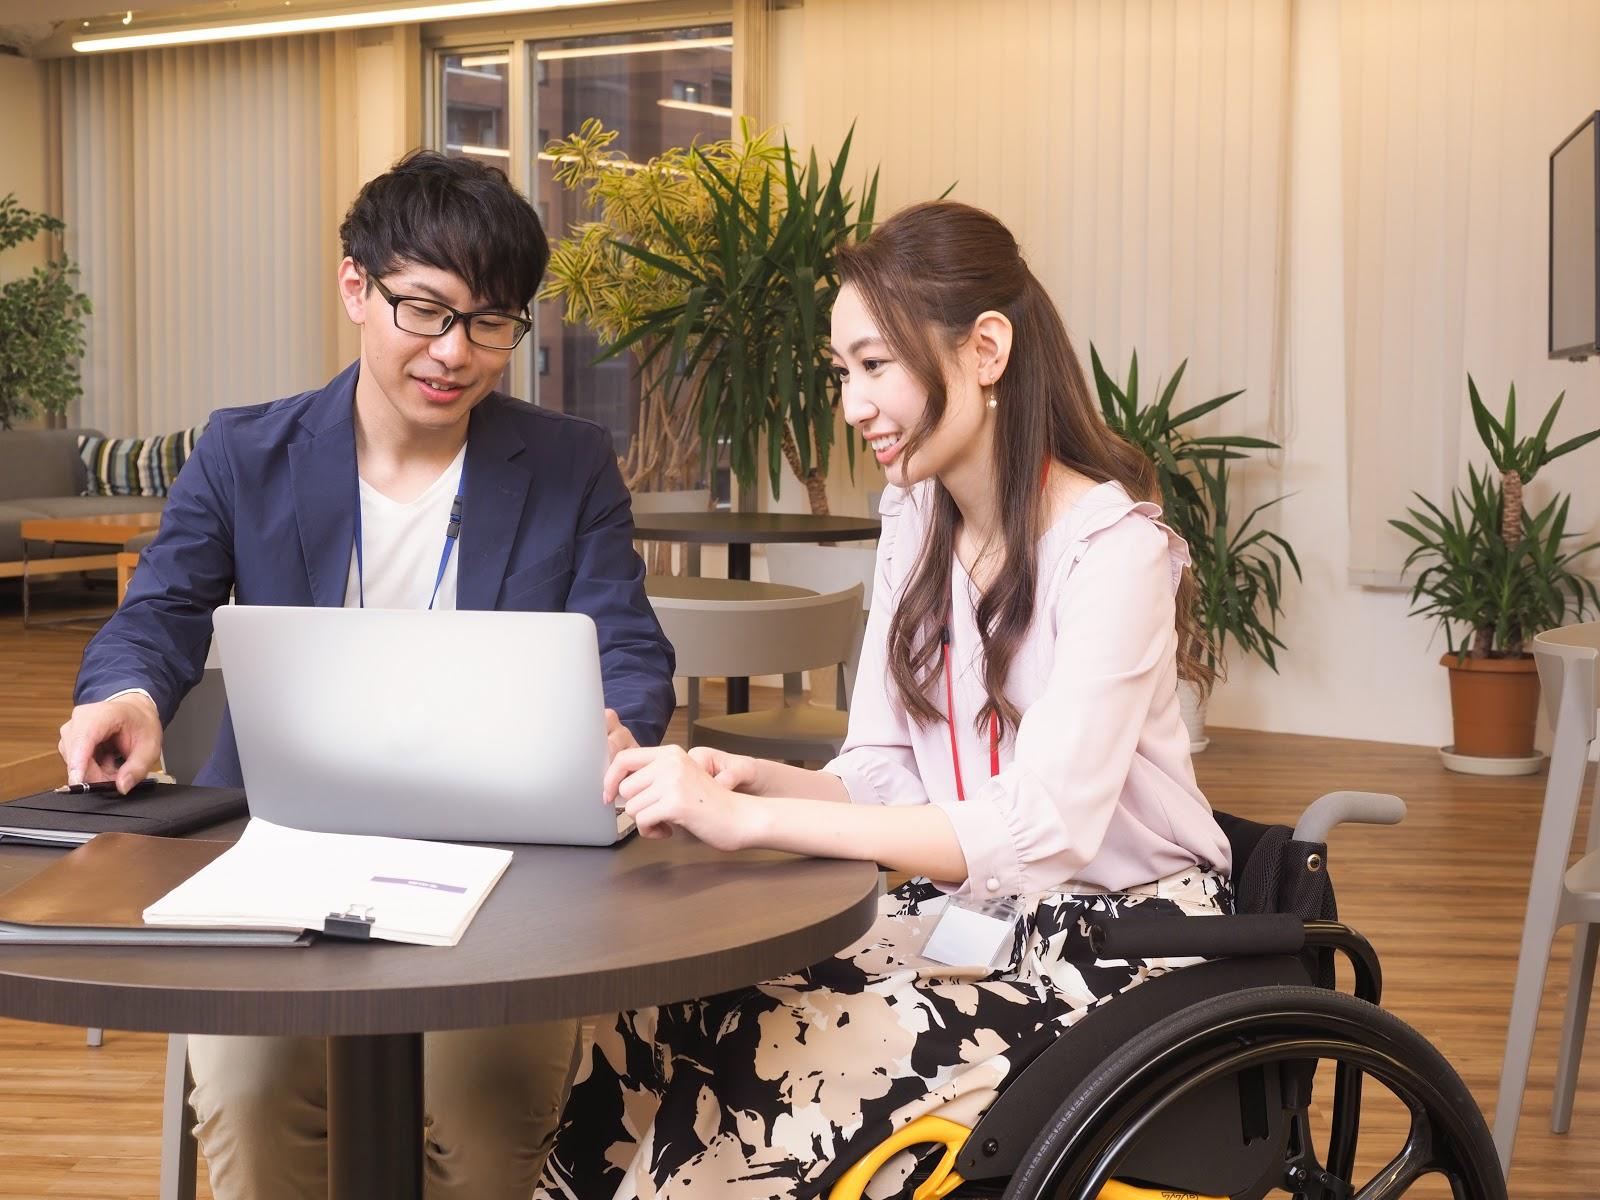 車椅子ユーザーの女性が仕事をする様子